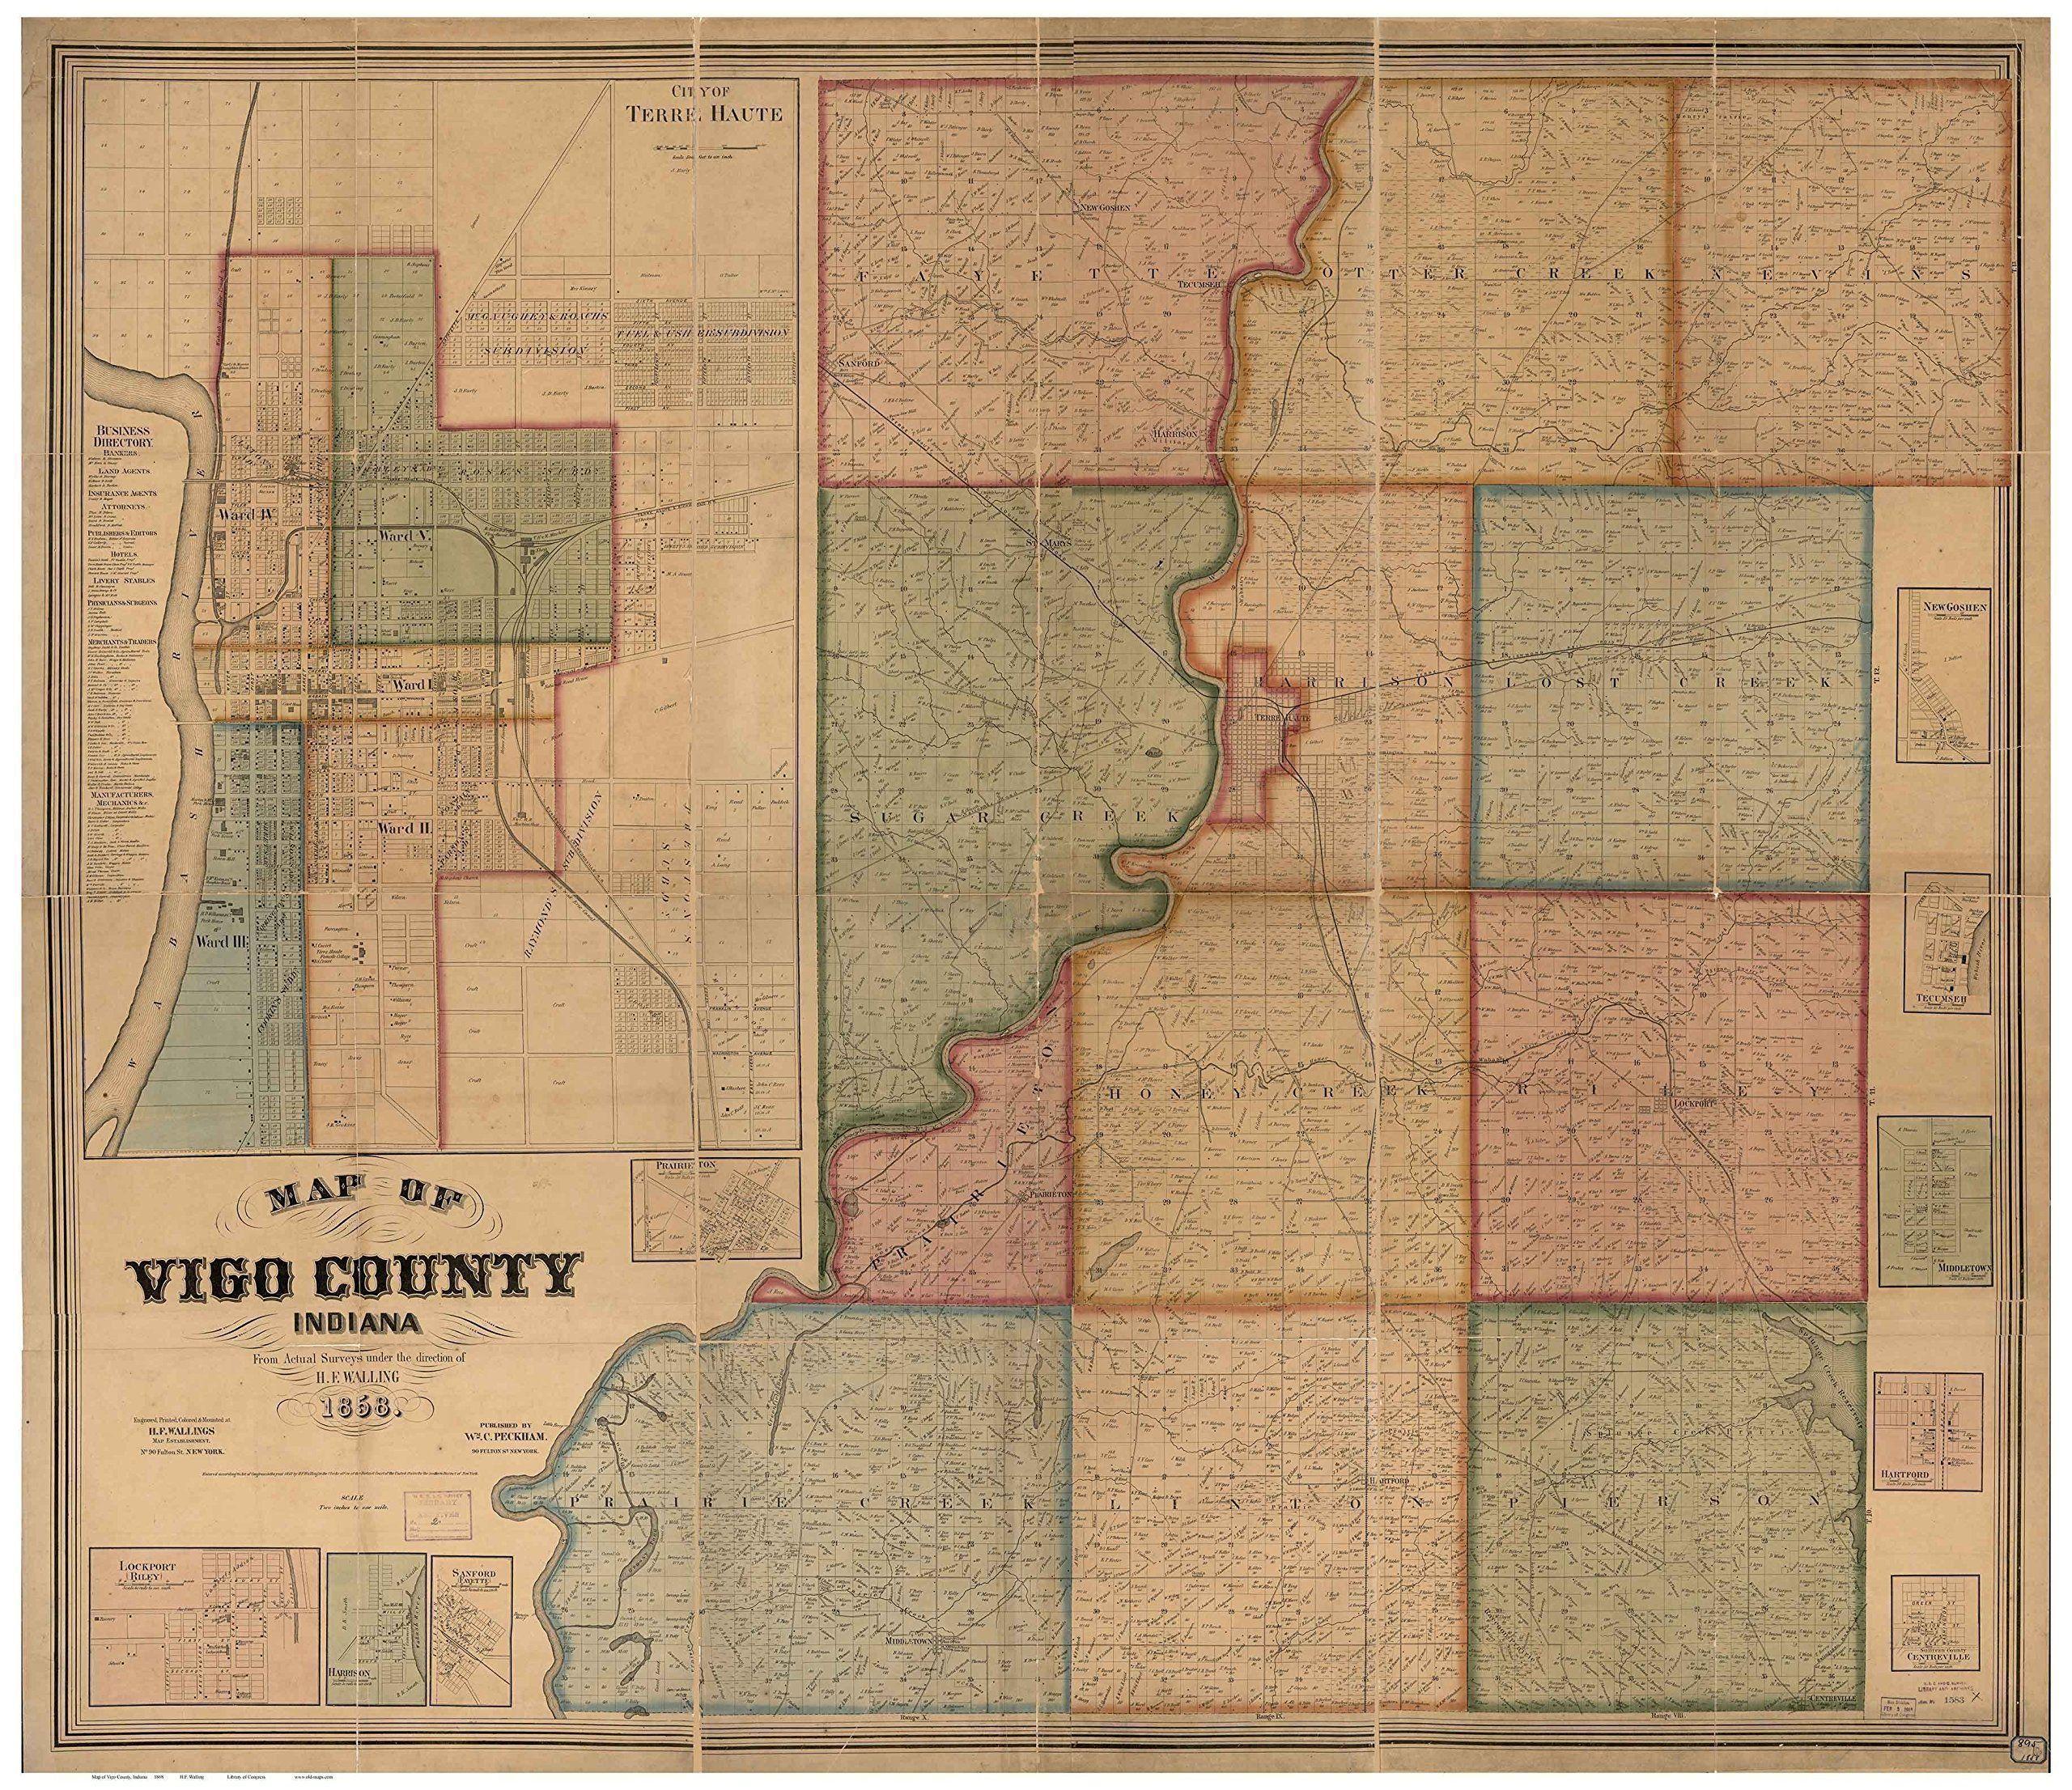 Vigo county indiana wall map reprint with homeowner names